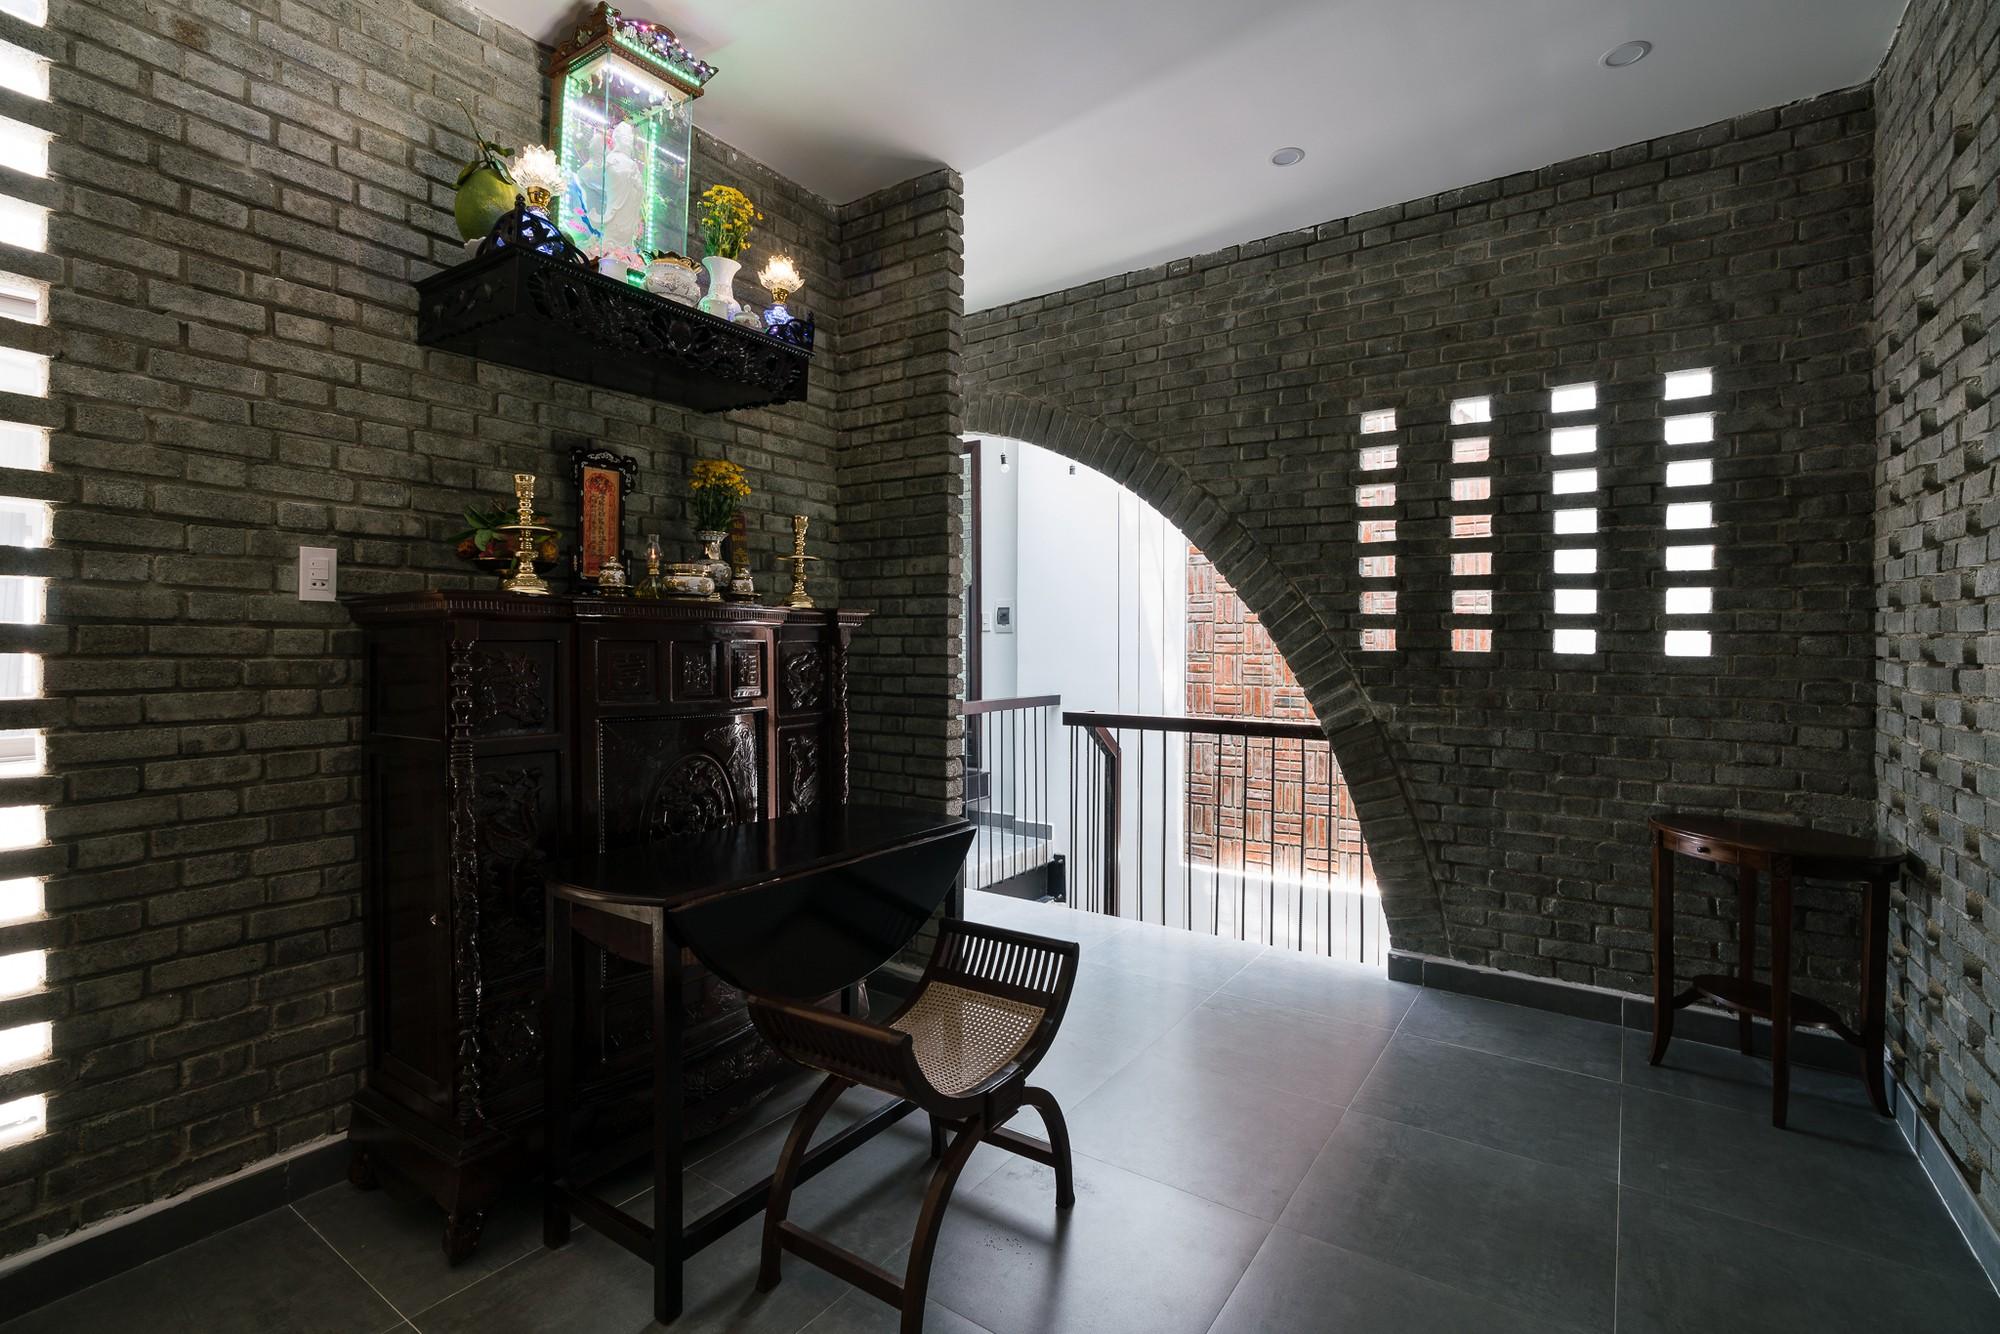 Ngôi nhà gạch 2 tầng của cặp vợ chồng già ở Đà Nẵng được tạp chí Mỹ xuýt xoa khen ngợi - Ảnh 17.